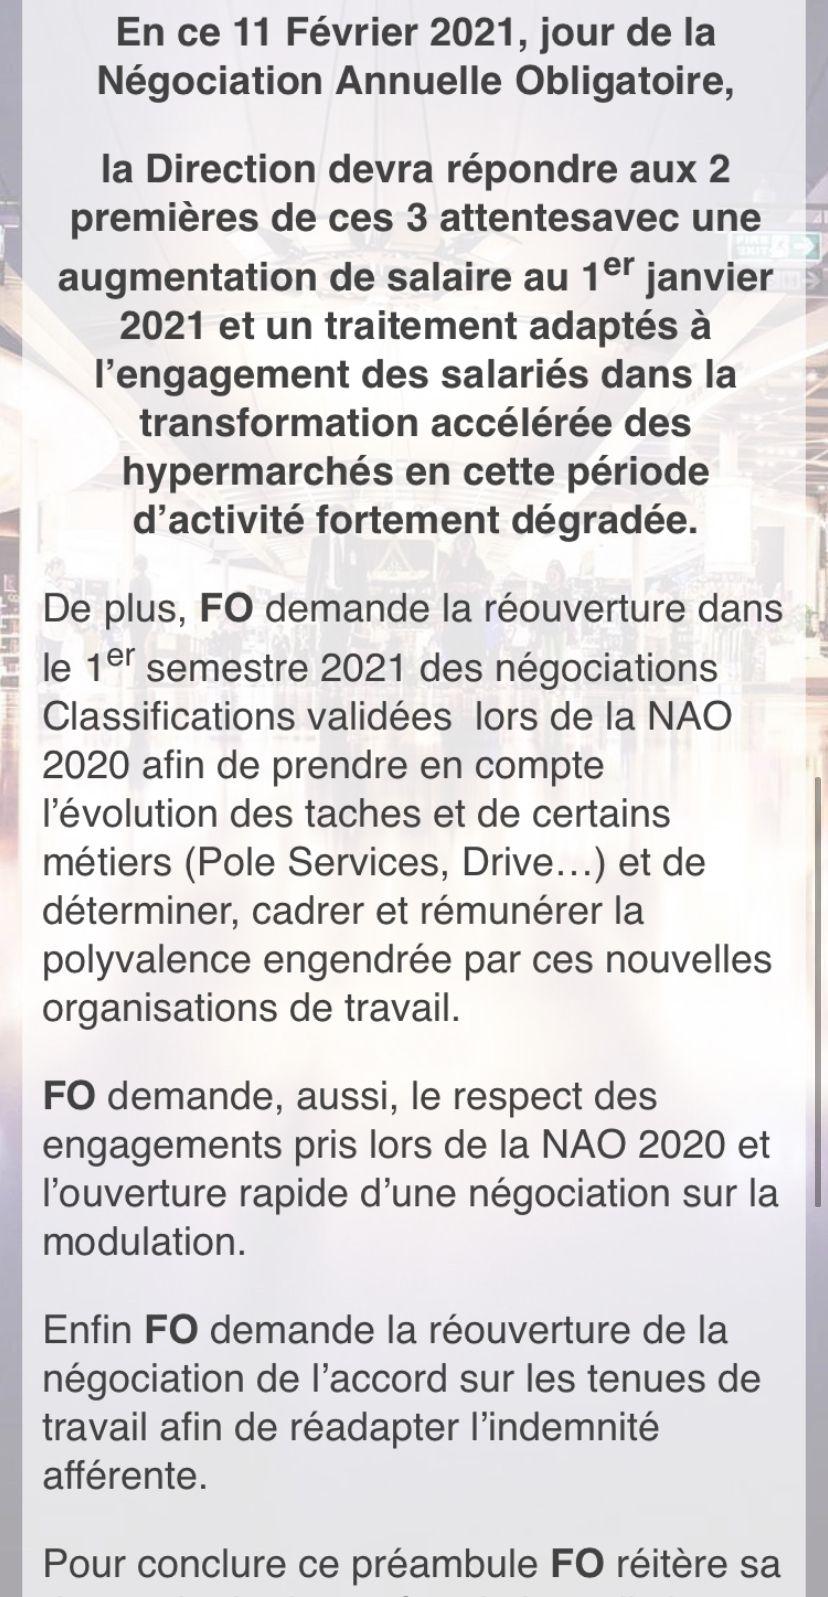 📣📣Suivez le déroulement des NAO Carrefour Hypermarchés ce jeudi 11 Février 2021 à partir de 14hoo sur notre site internet